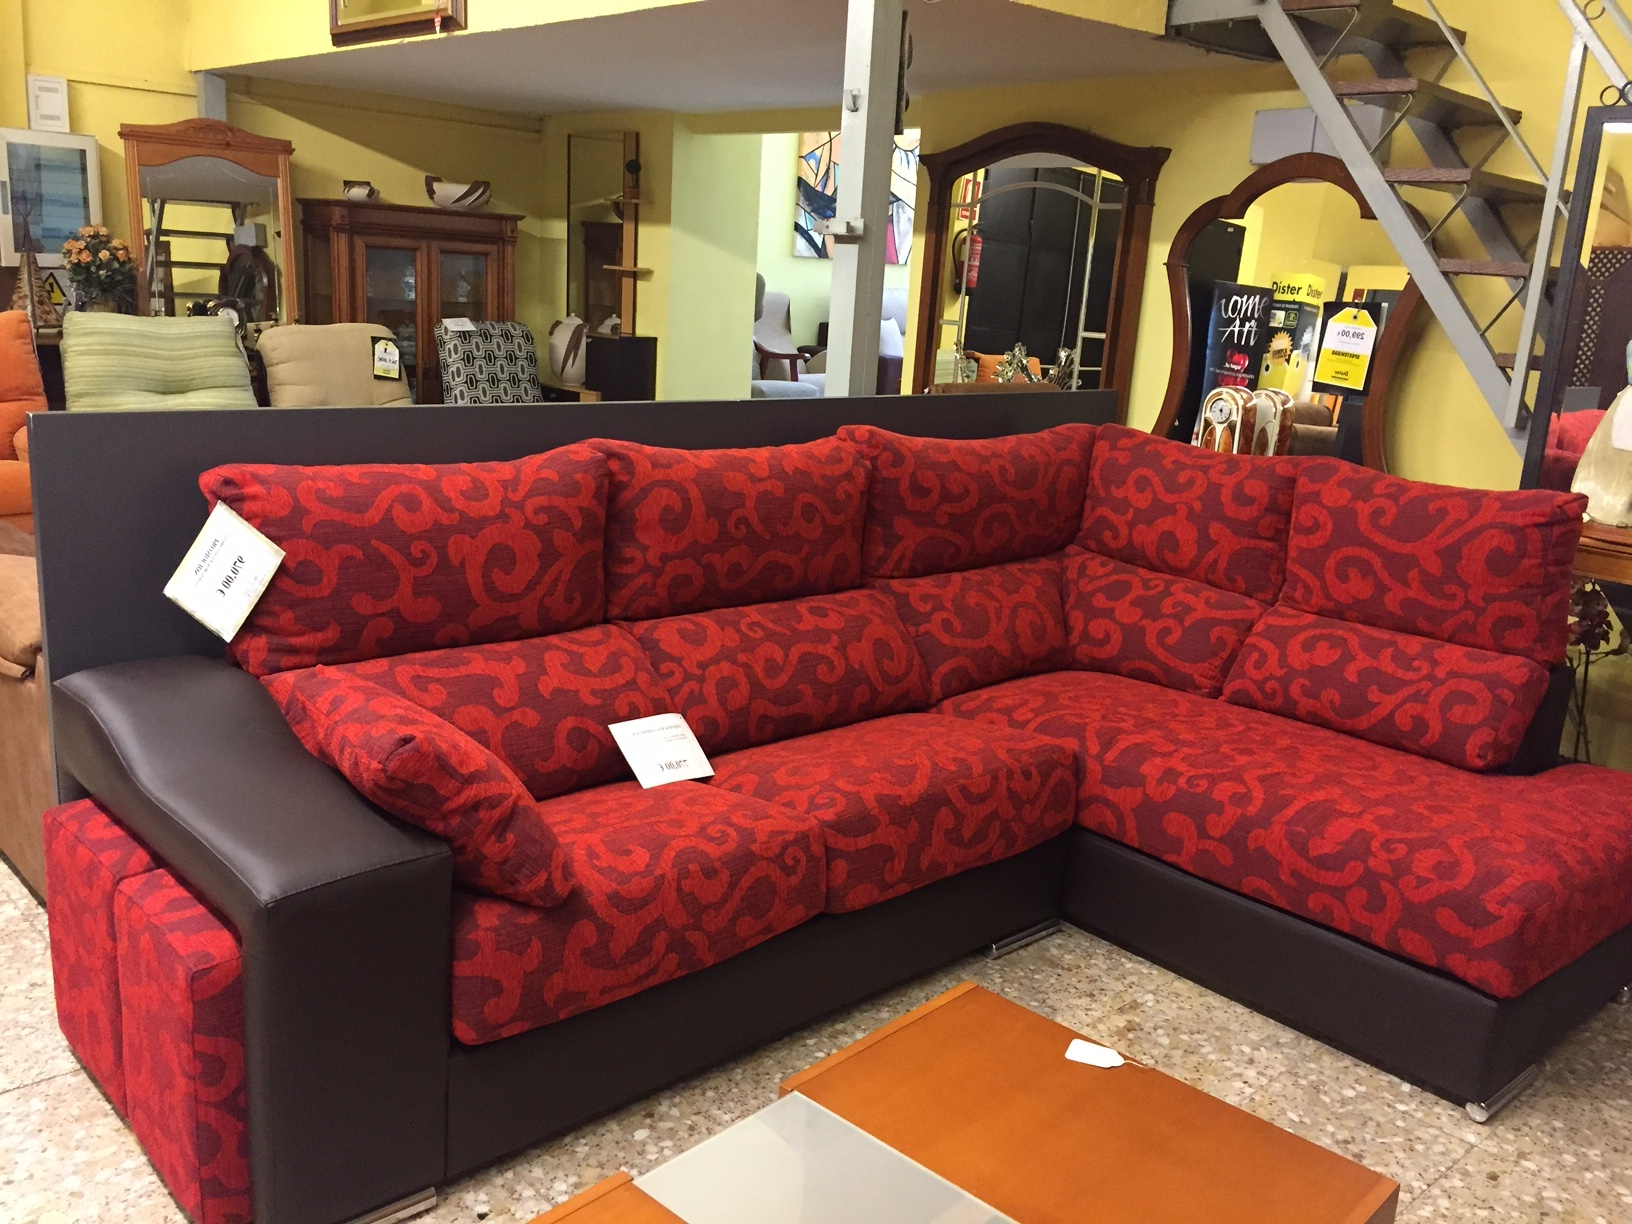 Sofas Liquidacion Ftd8 sofa De Liquidacion Sevilla Cheslong Rinconera